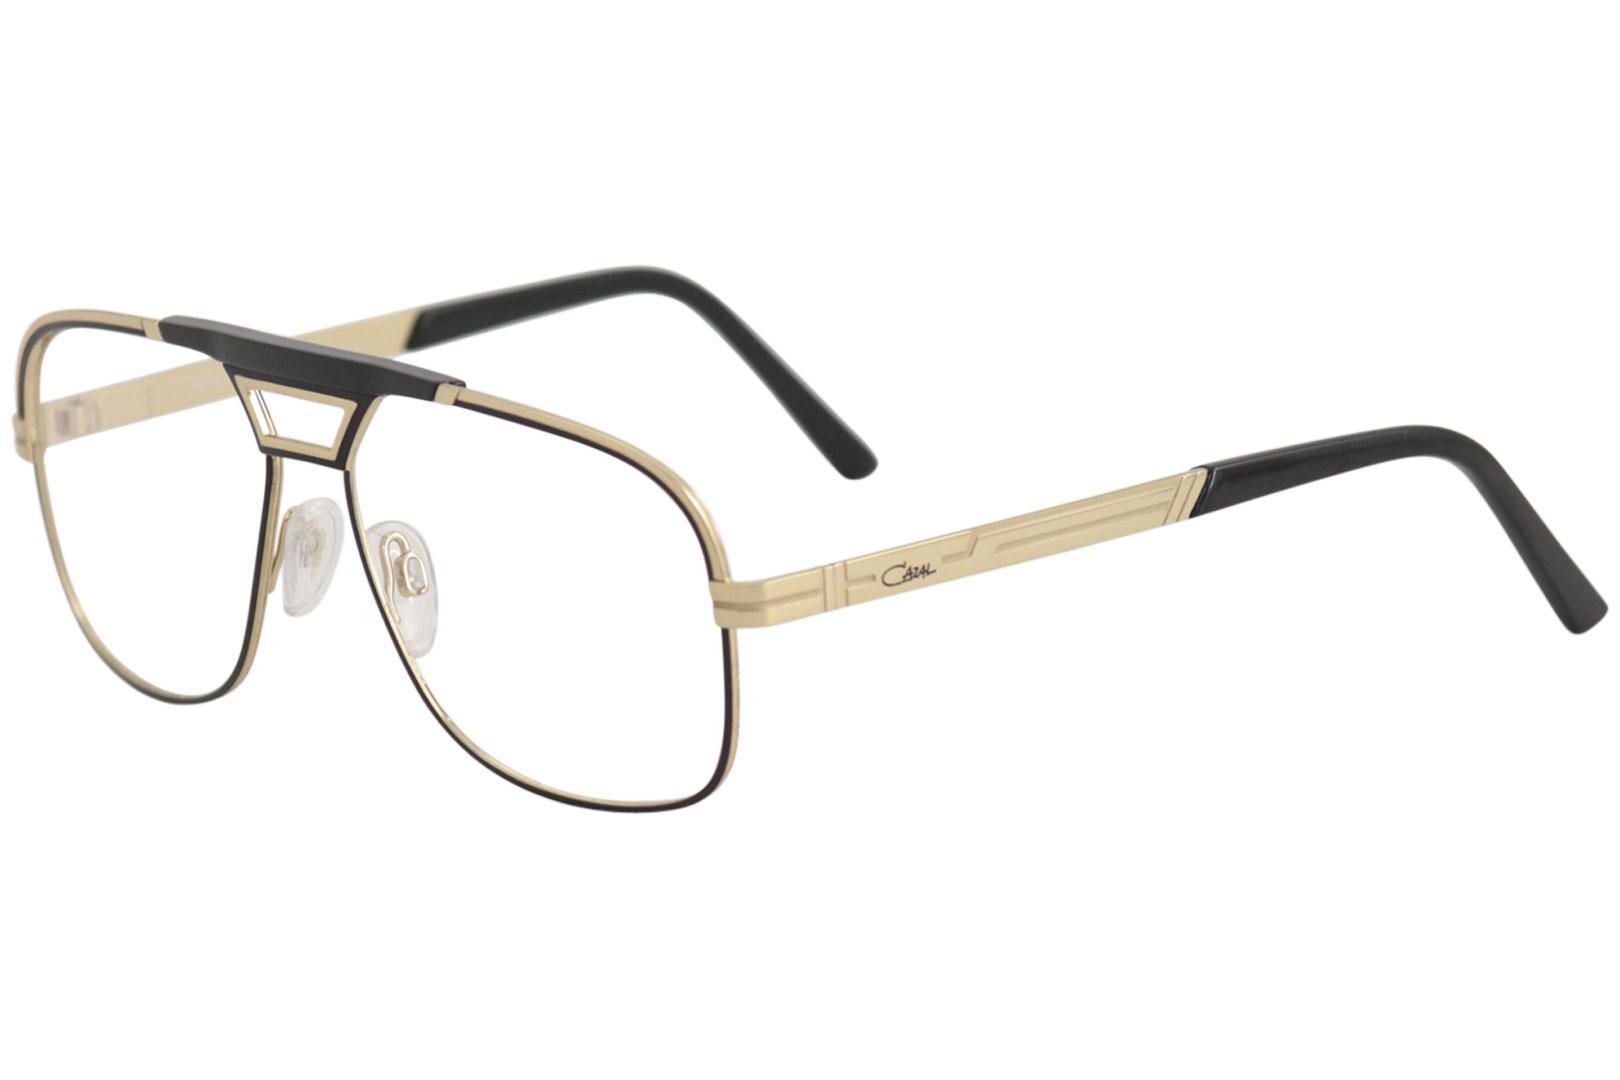 3dd1d868a9e Cazal Men s Eyeglasses 7069 Full Rim Optical Frame